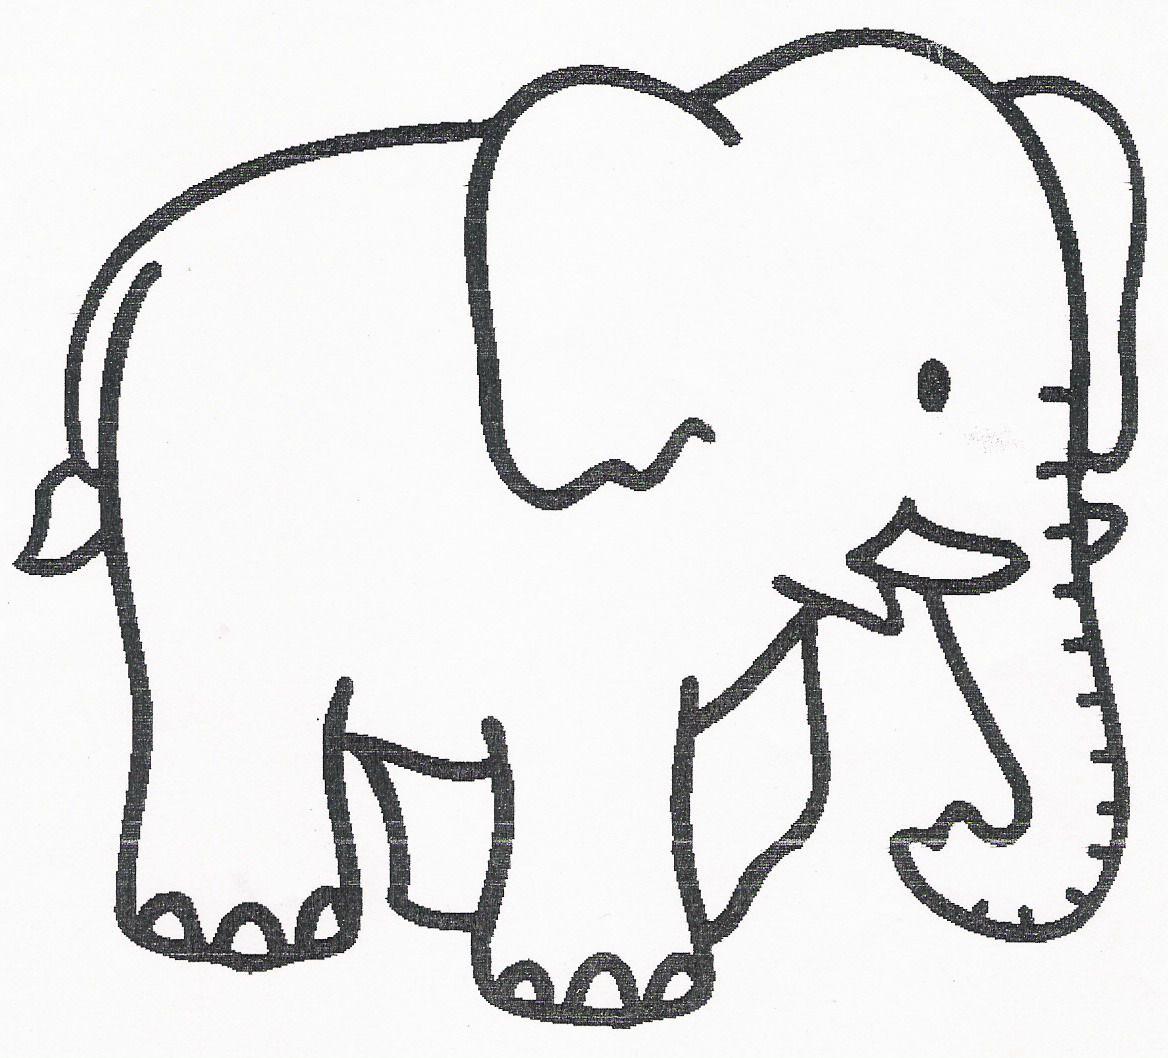 Coloriage Famille Elephant.Coloriage Elephant A Colorier Dessin A Imprimer Iimages A